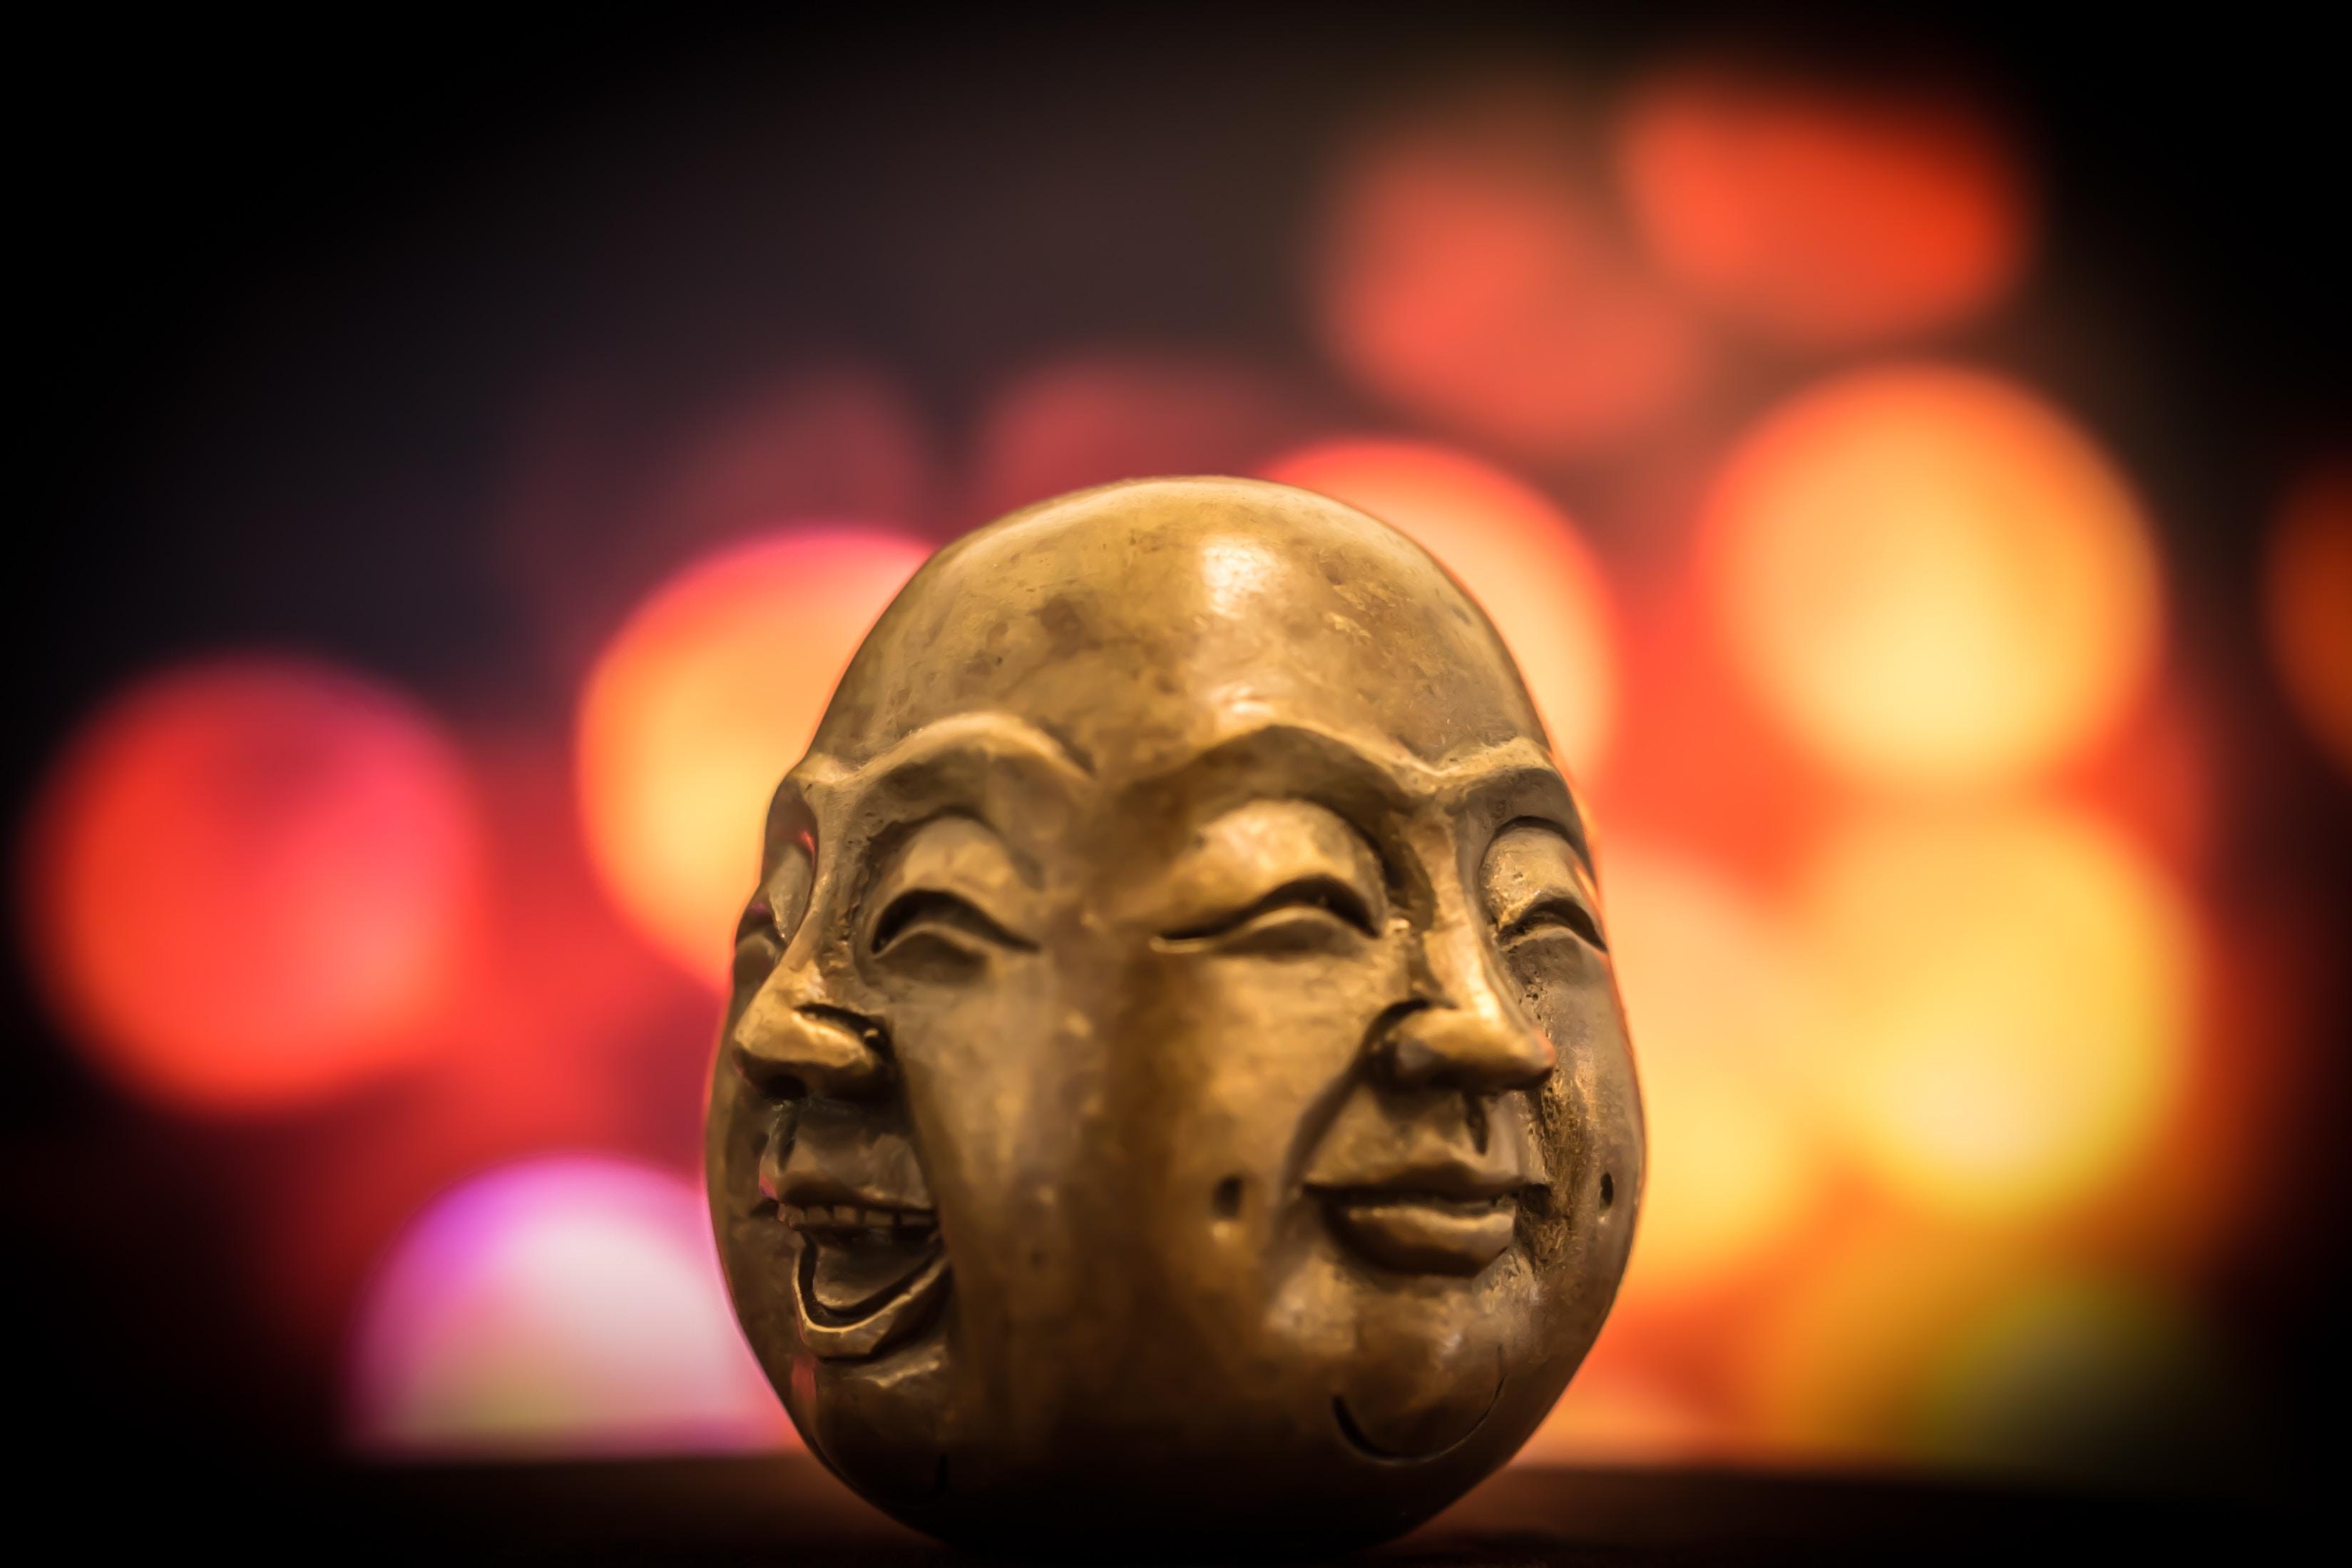 bouddha emotion